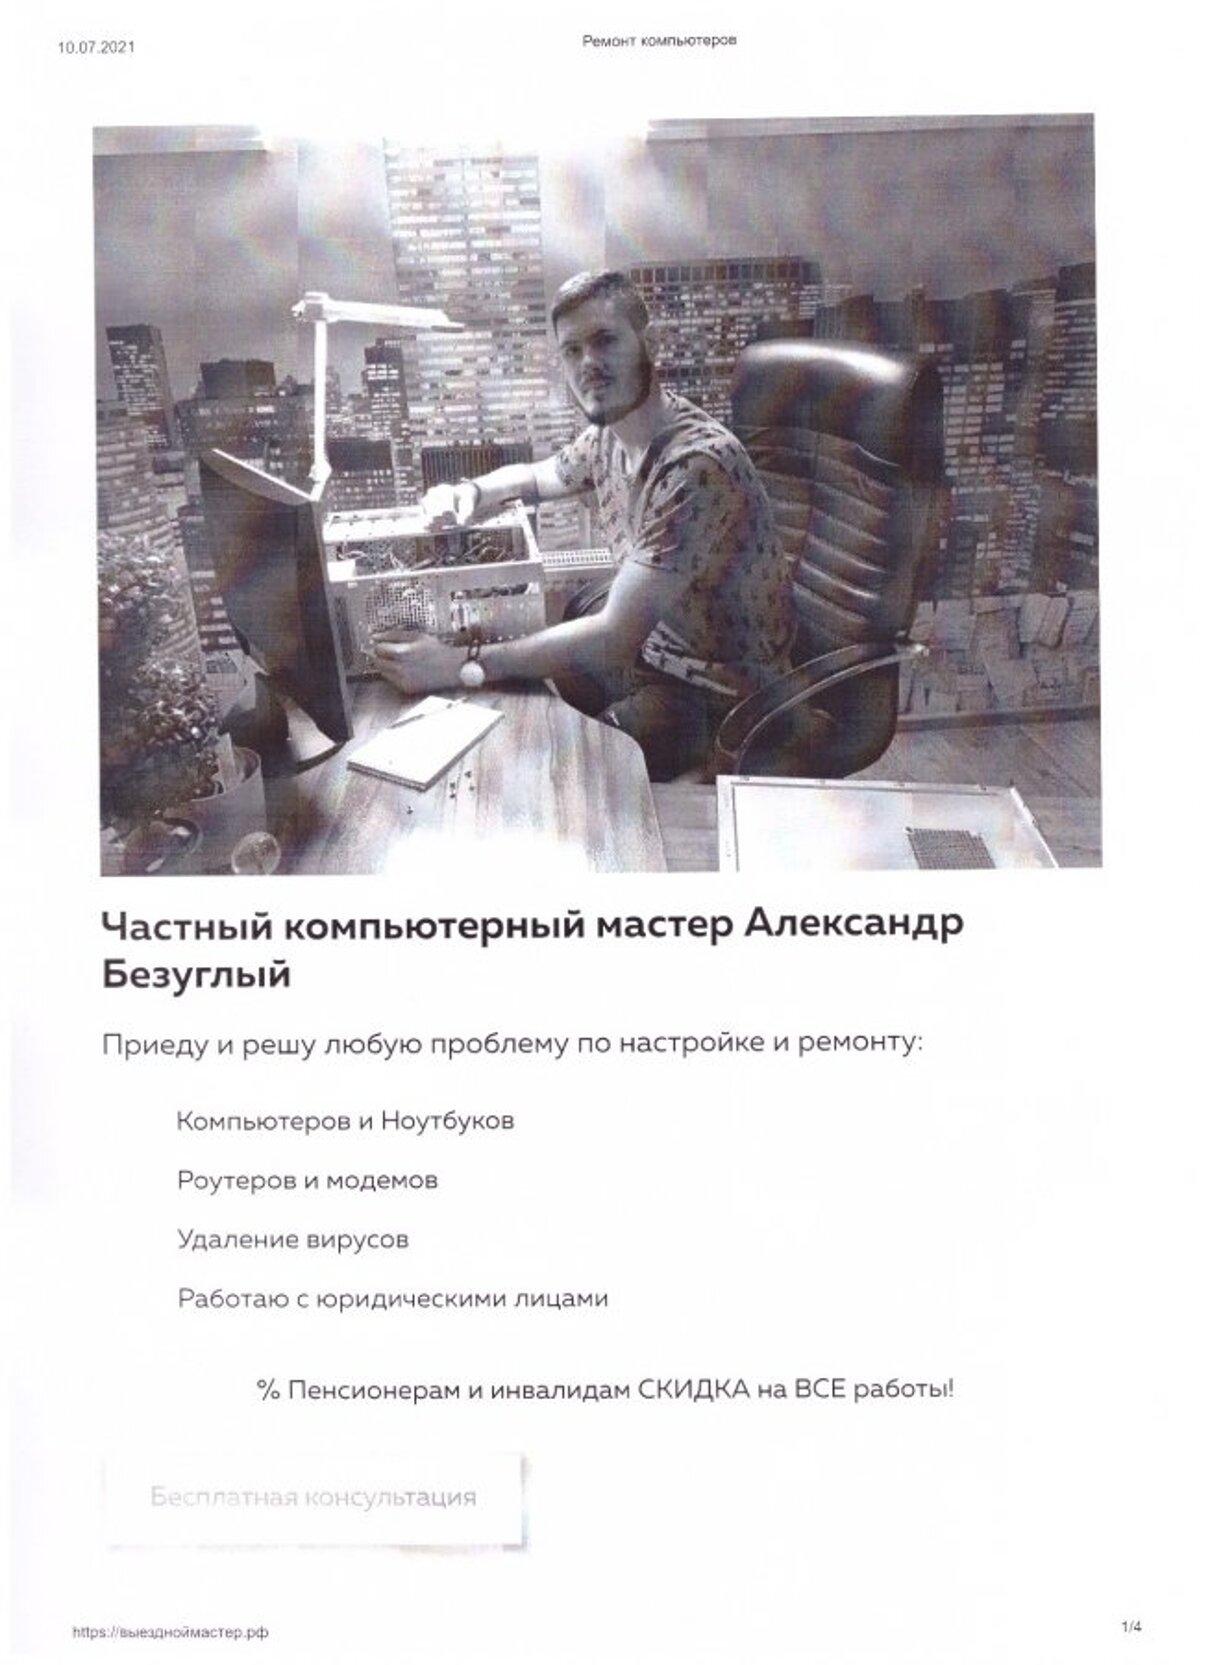 Жалоба-отзыв: Частный компьютерный мастер Александр Безуглый - МОШЕННИКИ!!!.  Фото №1